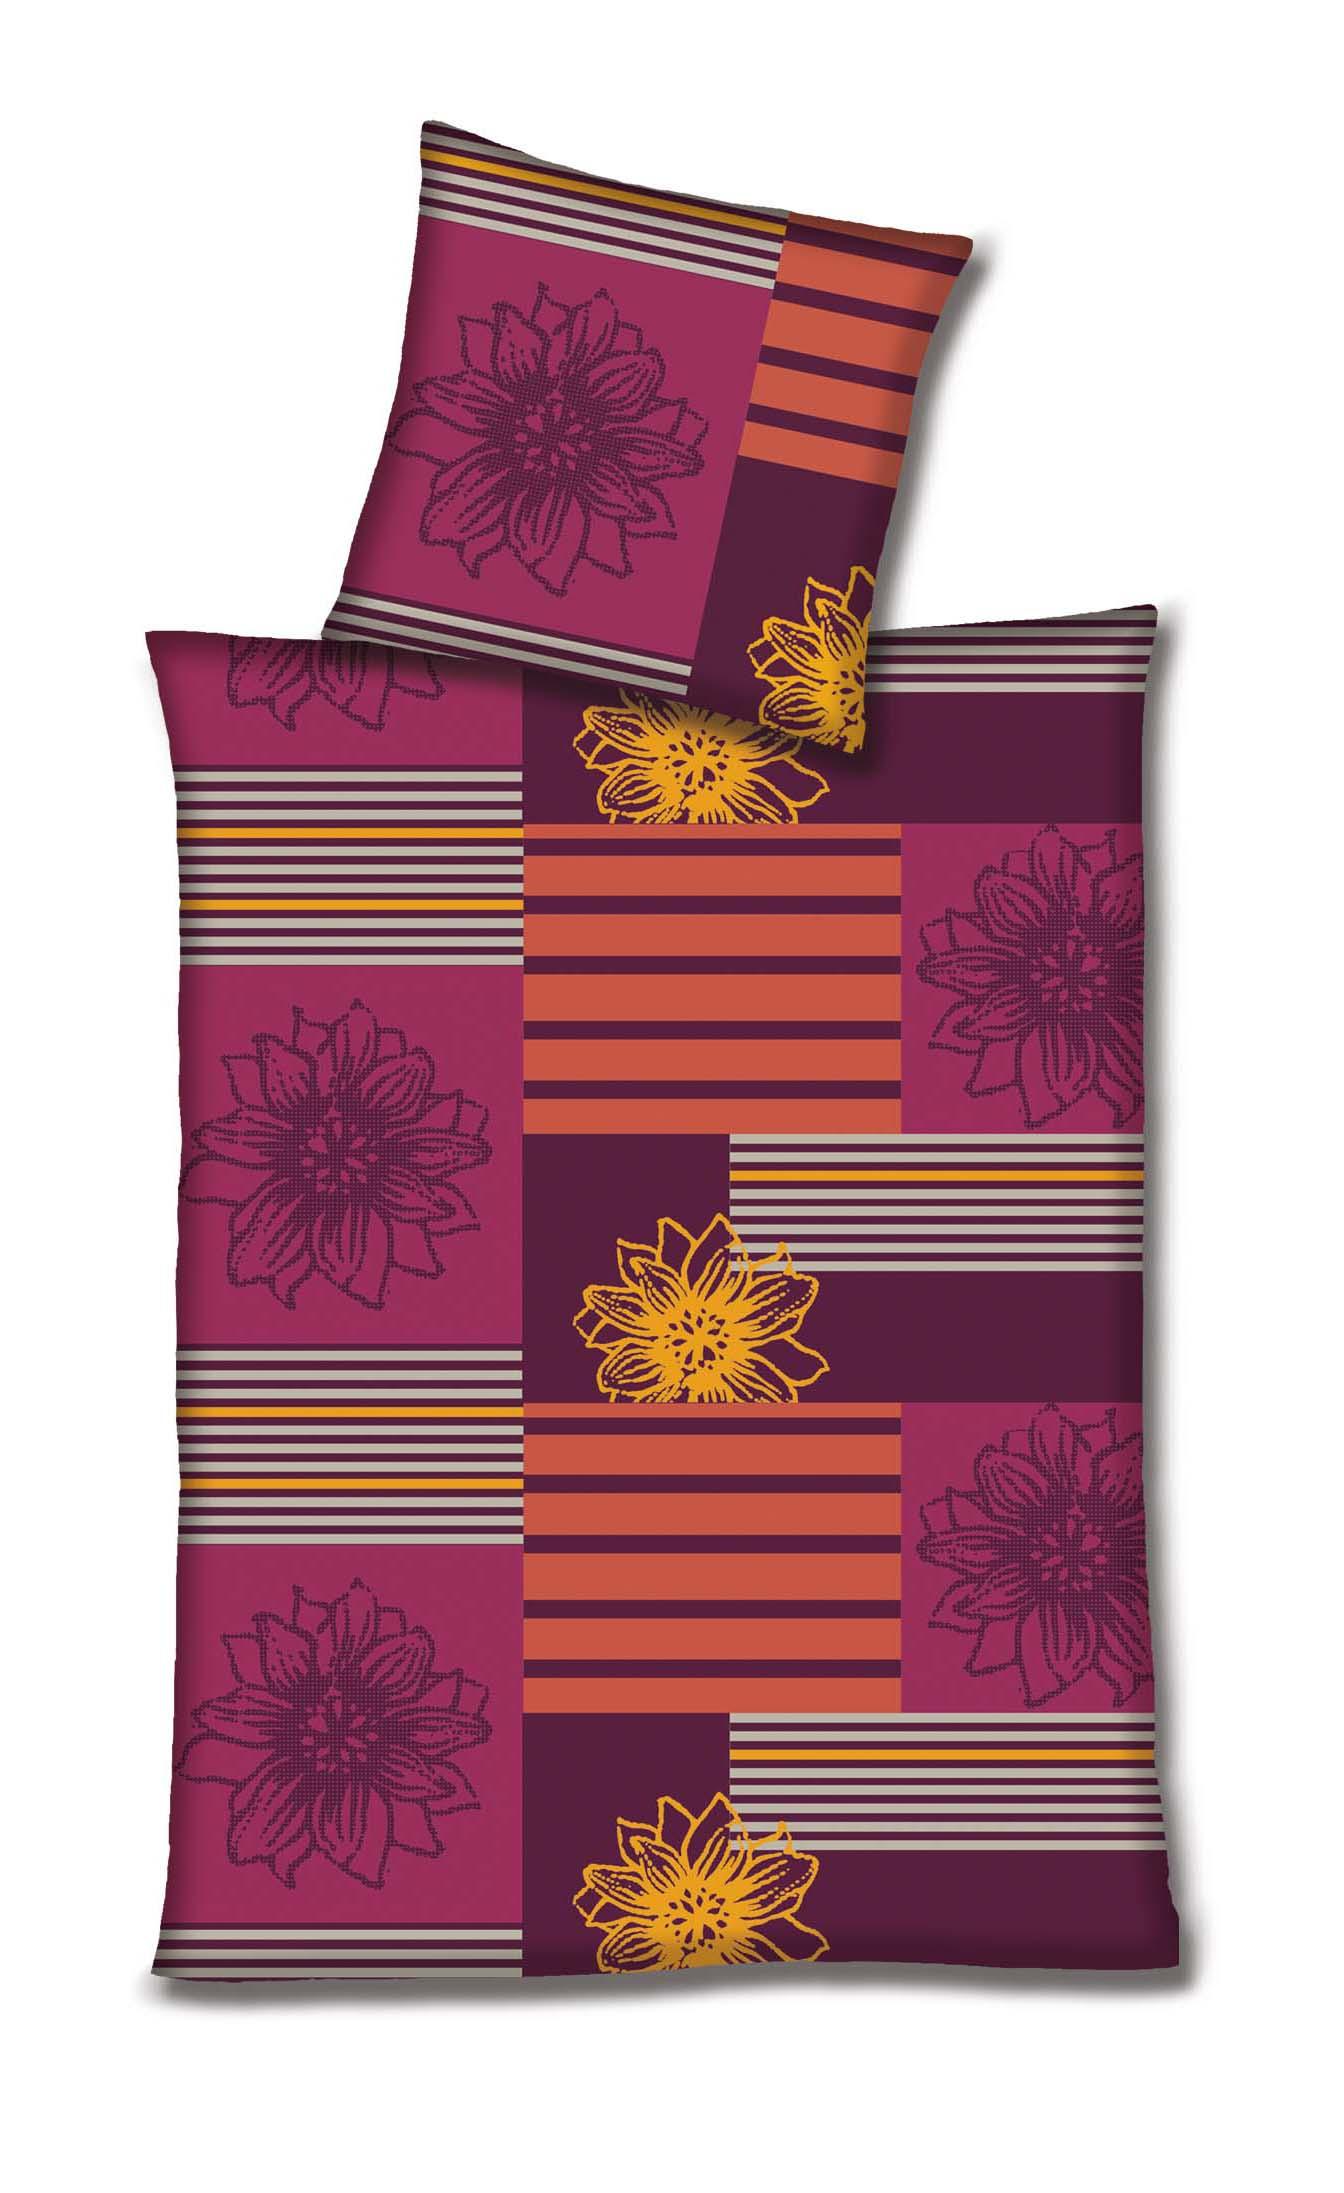 Betz 2 Tlg Mikrofaser Fleece Bettwäsche Garnitur Blumen Streifen